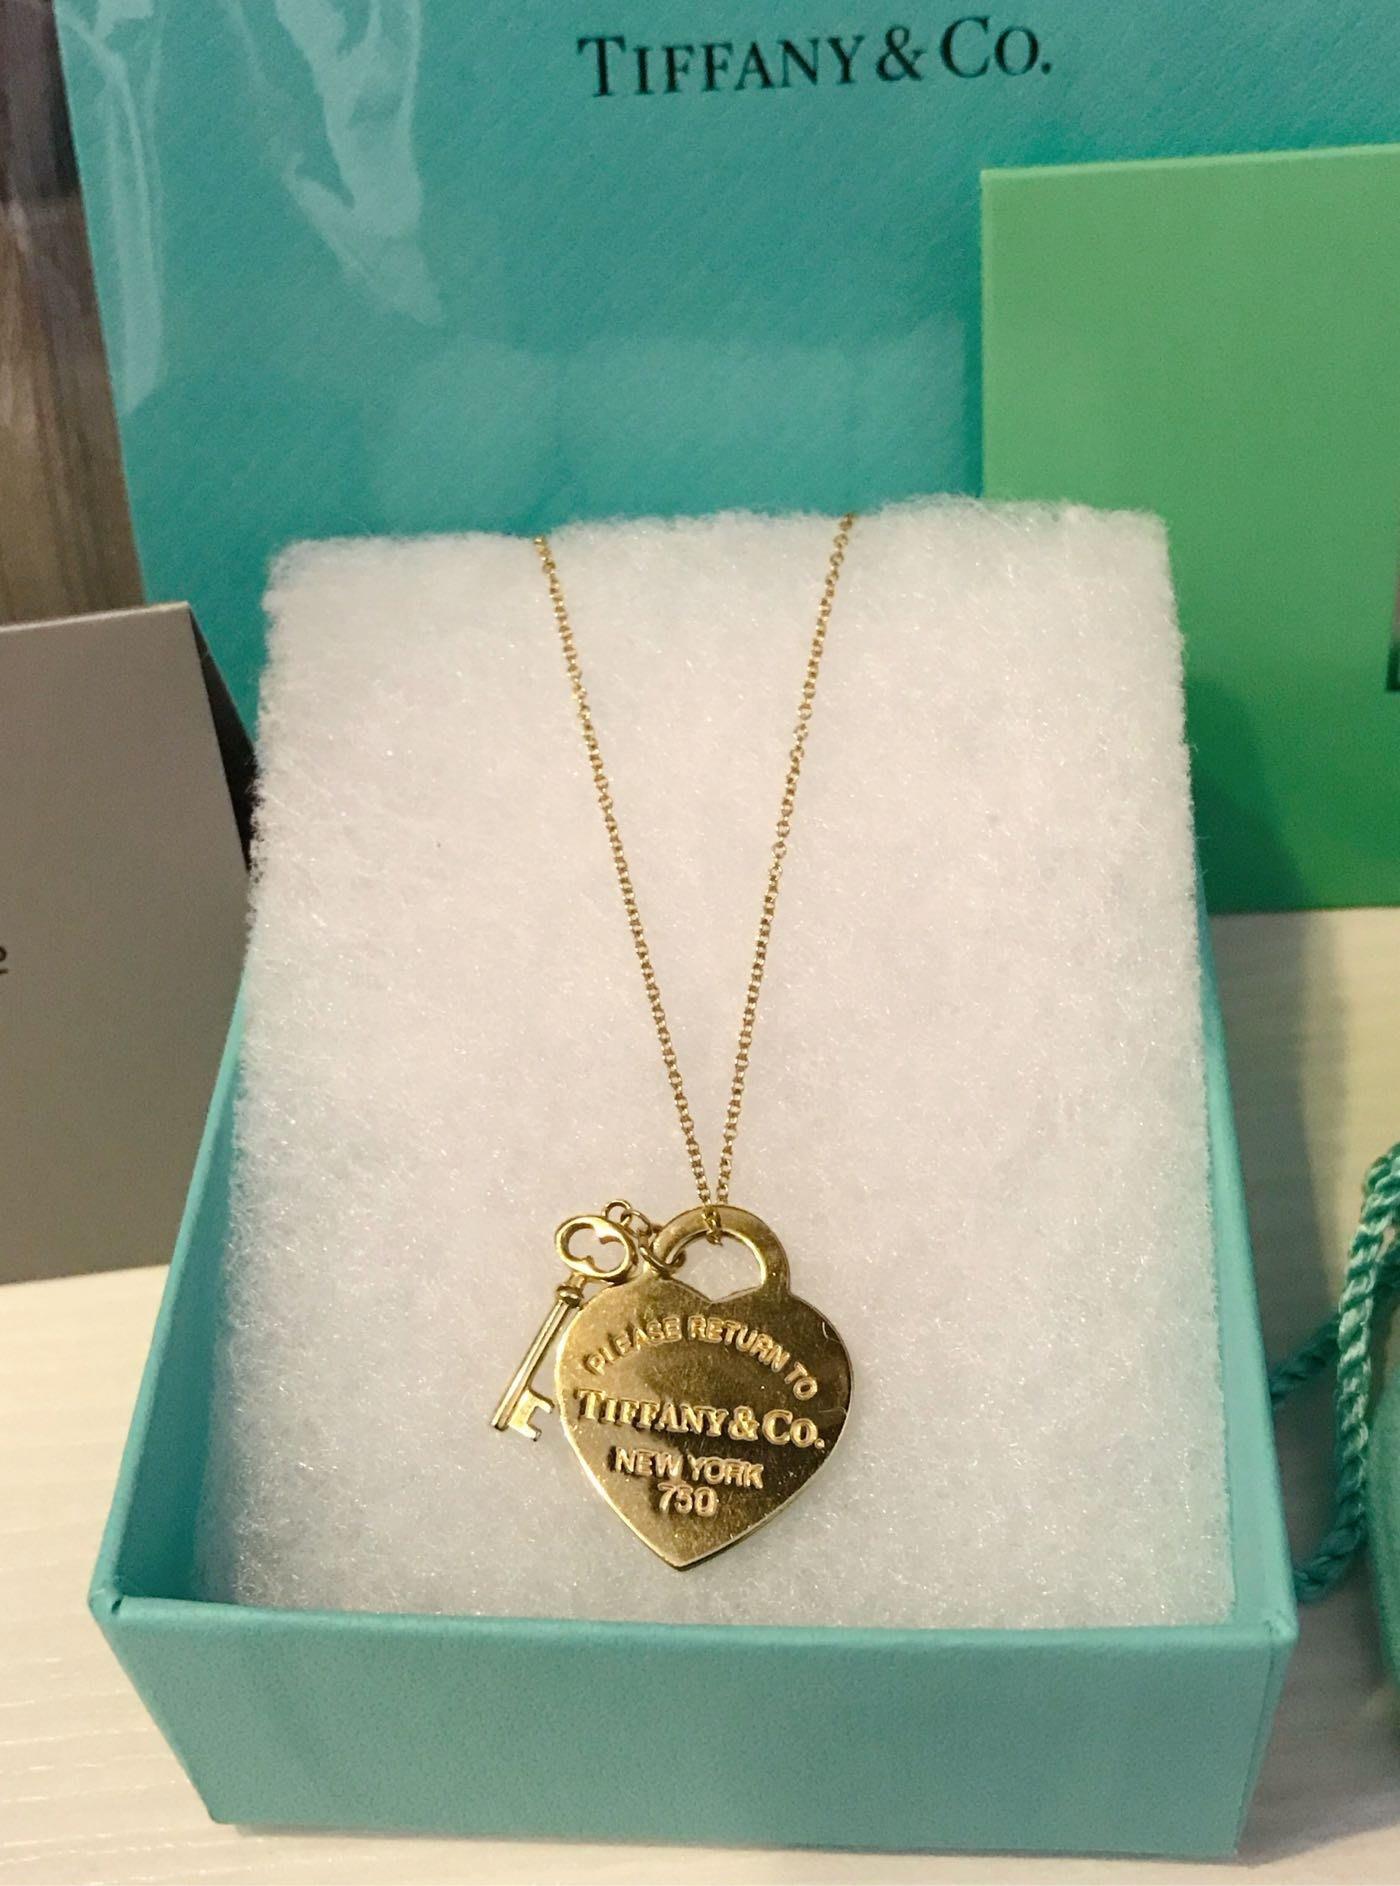 Tiffany&Co.蒂芬妮 Return To Tiffany 心形鑰匙鍊墜 心形鑰匙項鍊 18K